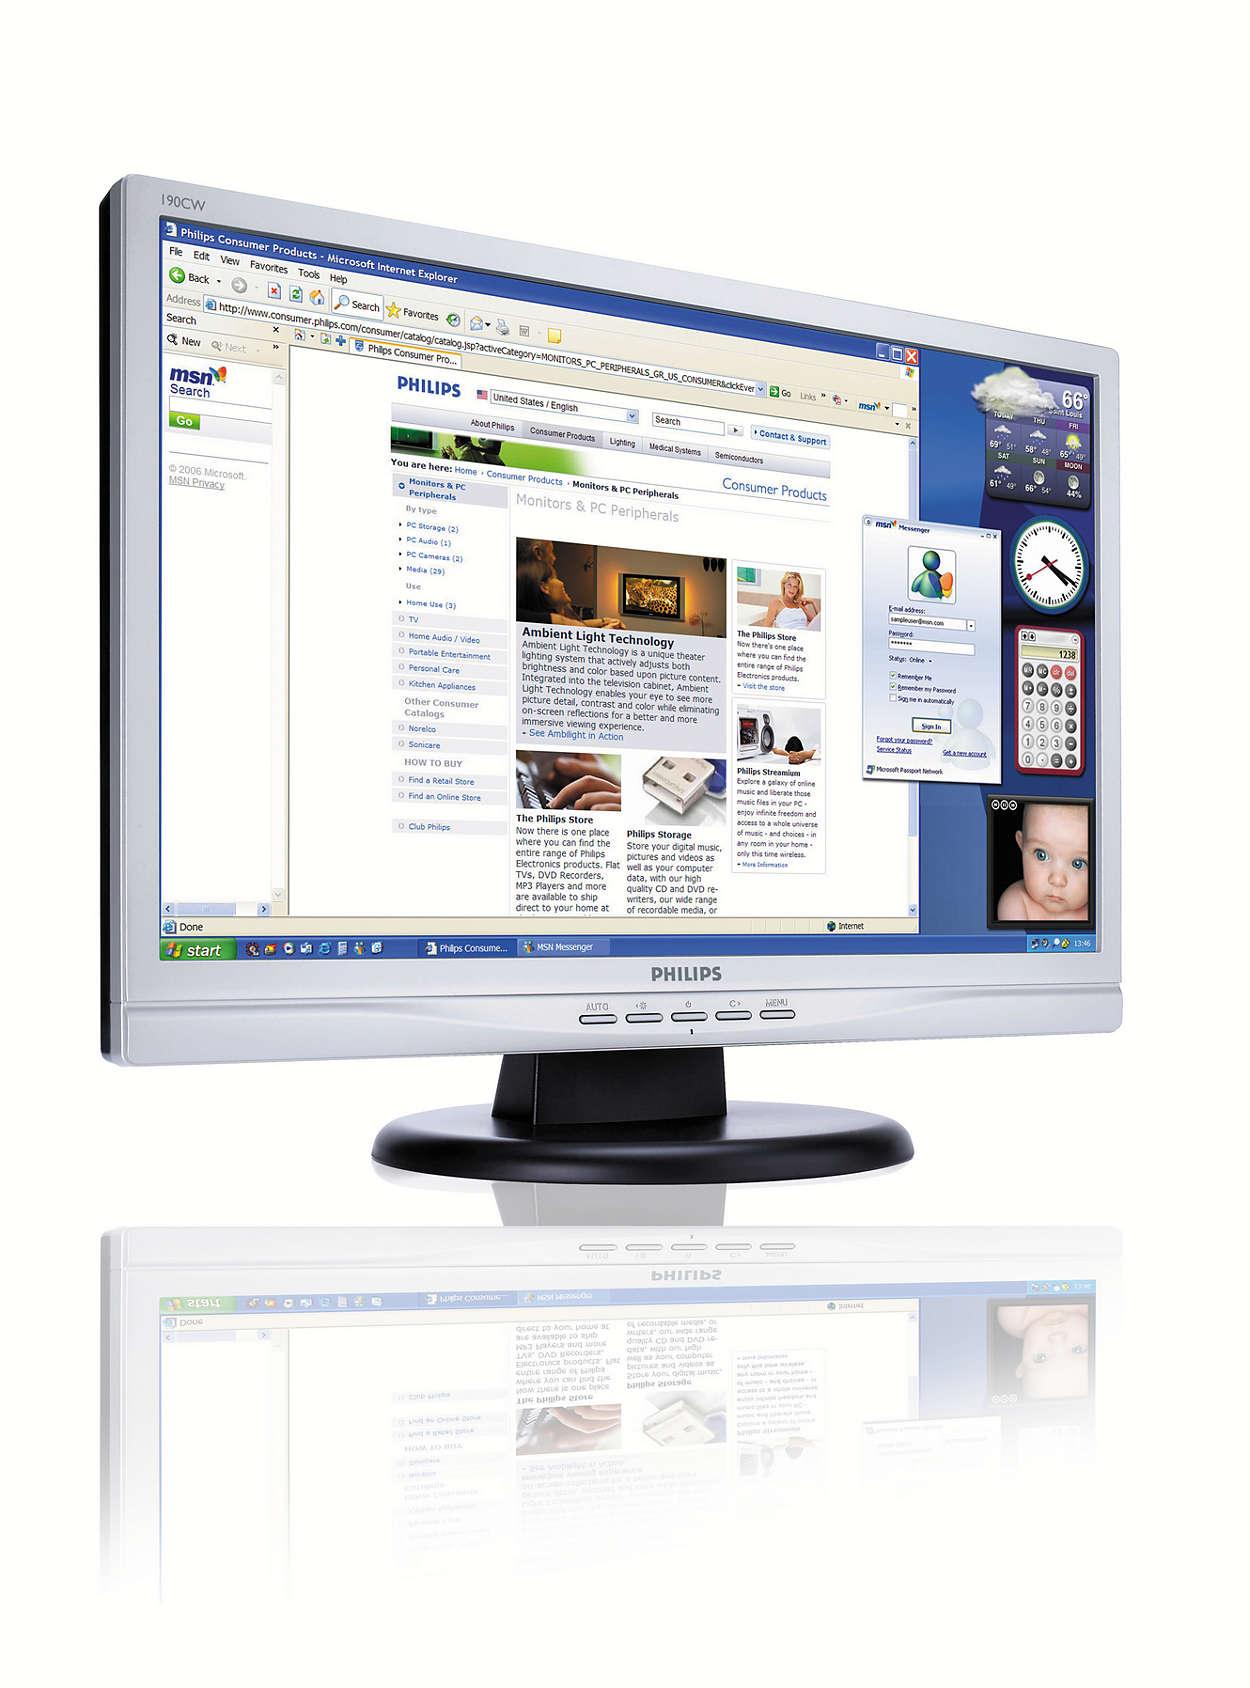 Η οθόνη LCD widescreen με την μεγαλύτερη απόδοση επένδυσης